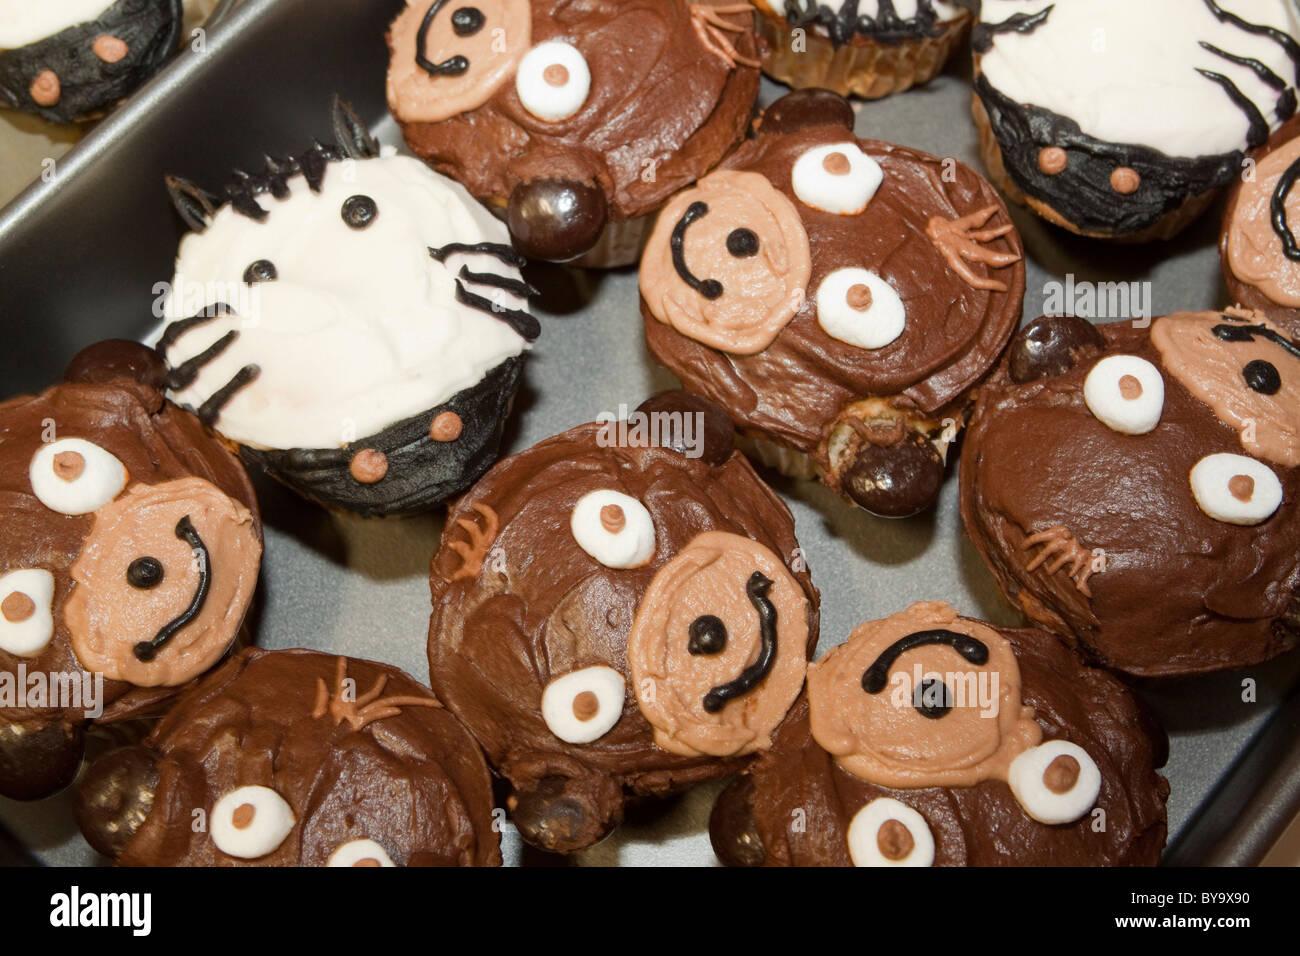 Zebra Cake Recipe Joy Of Baking: Zebra And Monkey Faces On Party Cupcakes Stock Photo